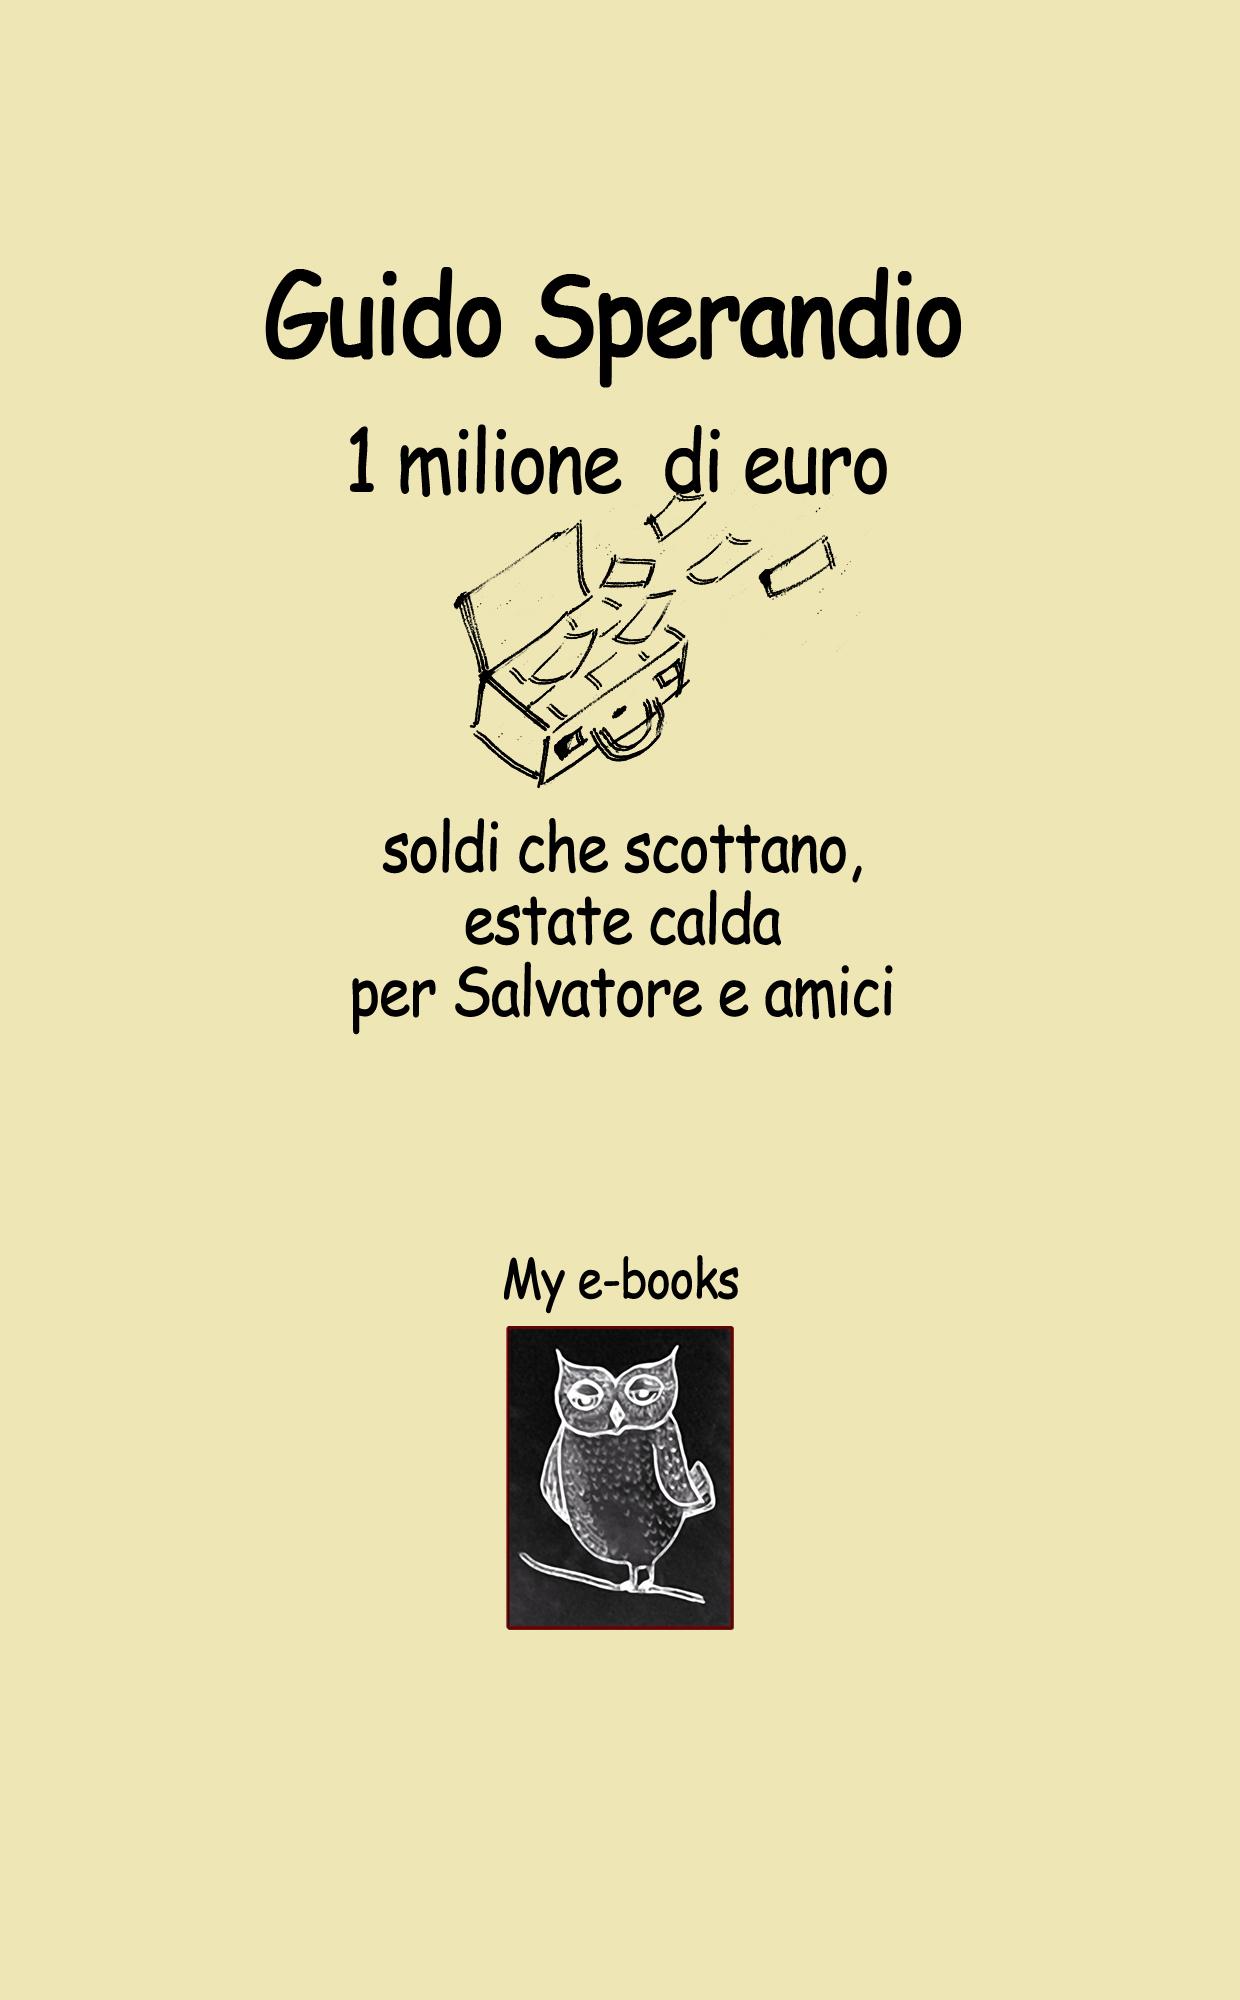 1 milione di euro